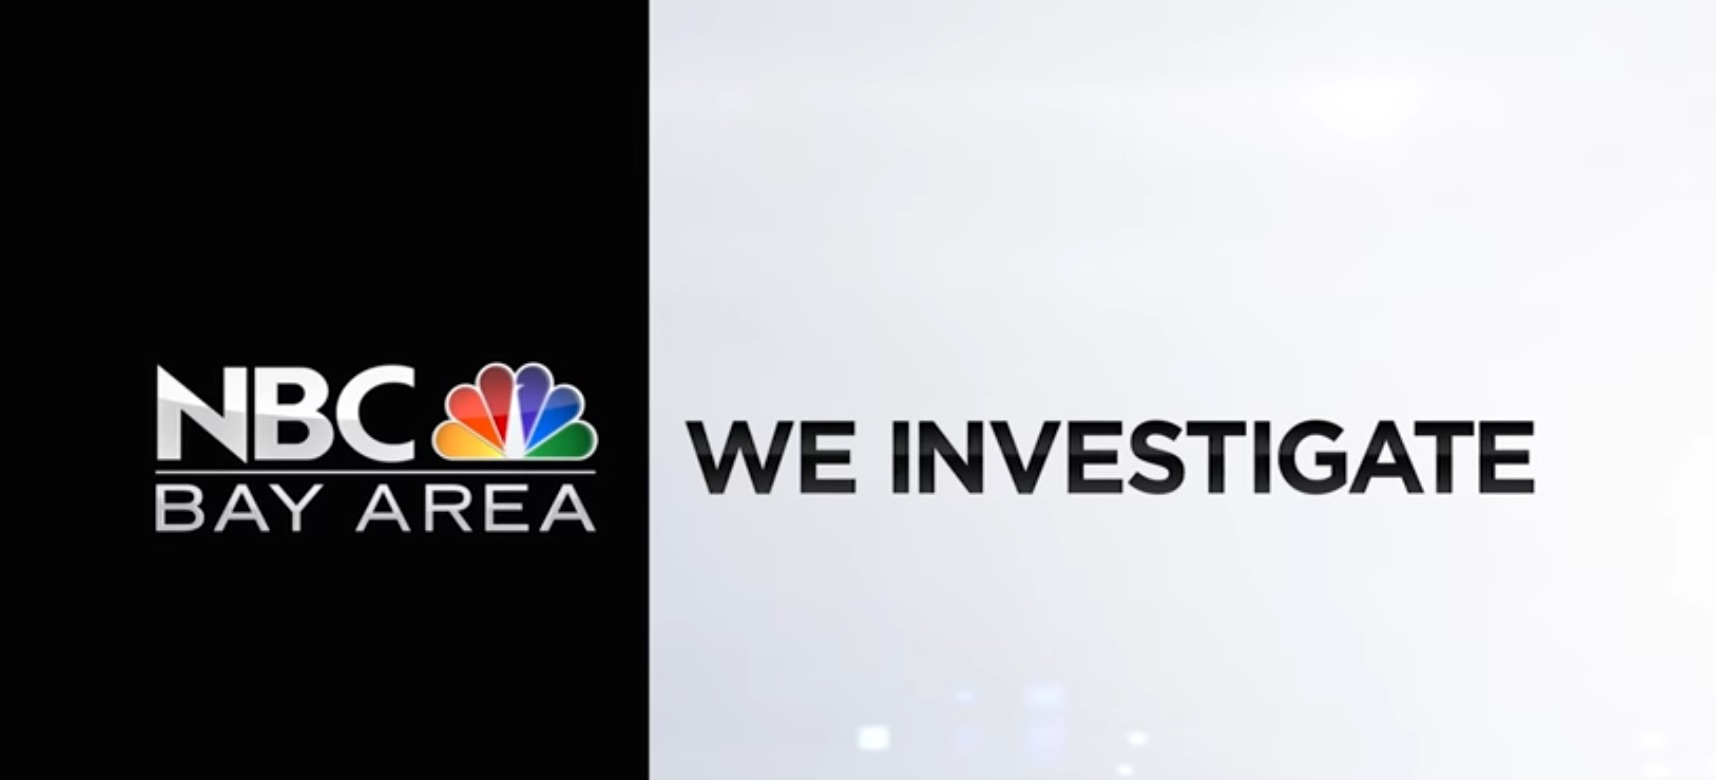 NBC Bay Area – We Investigate